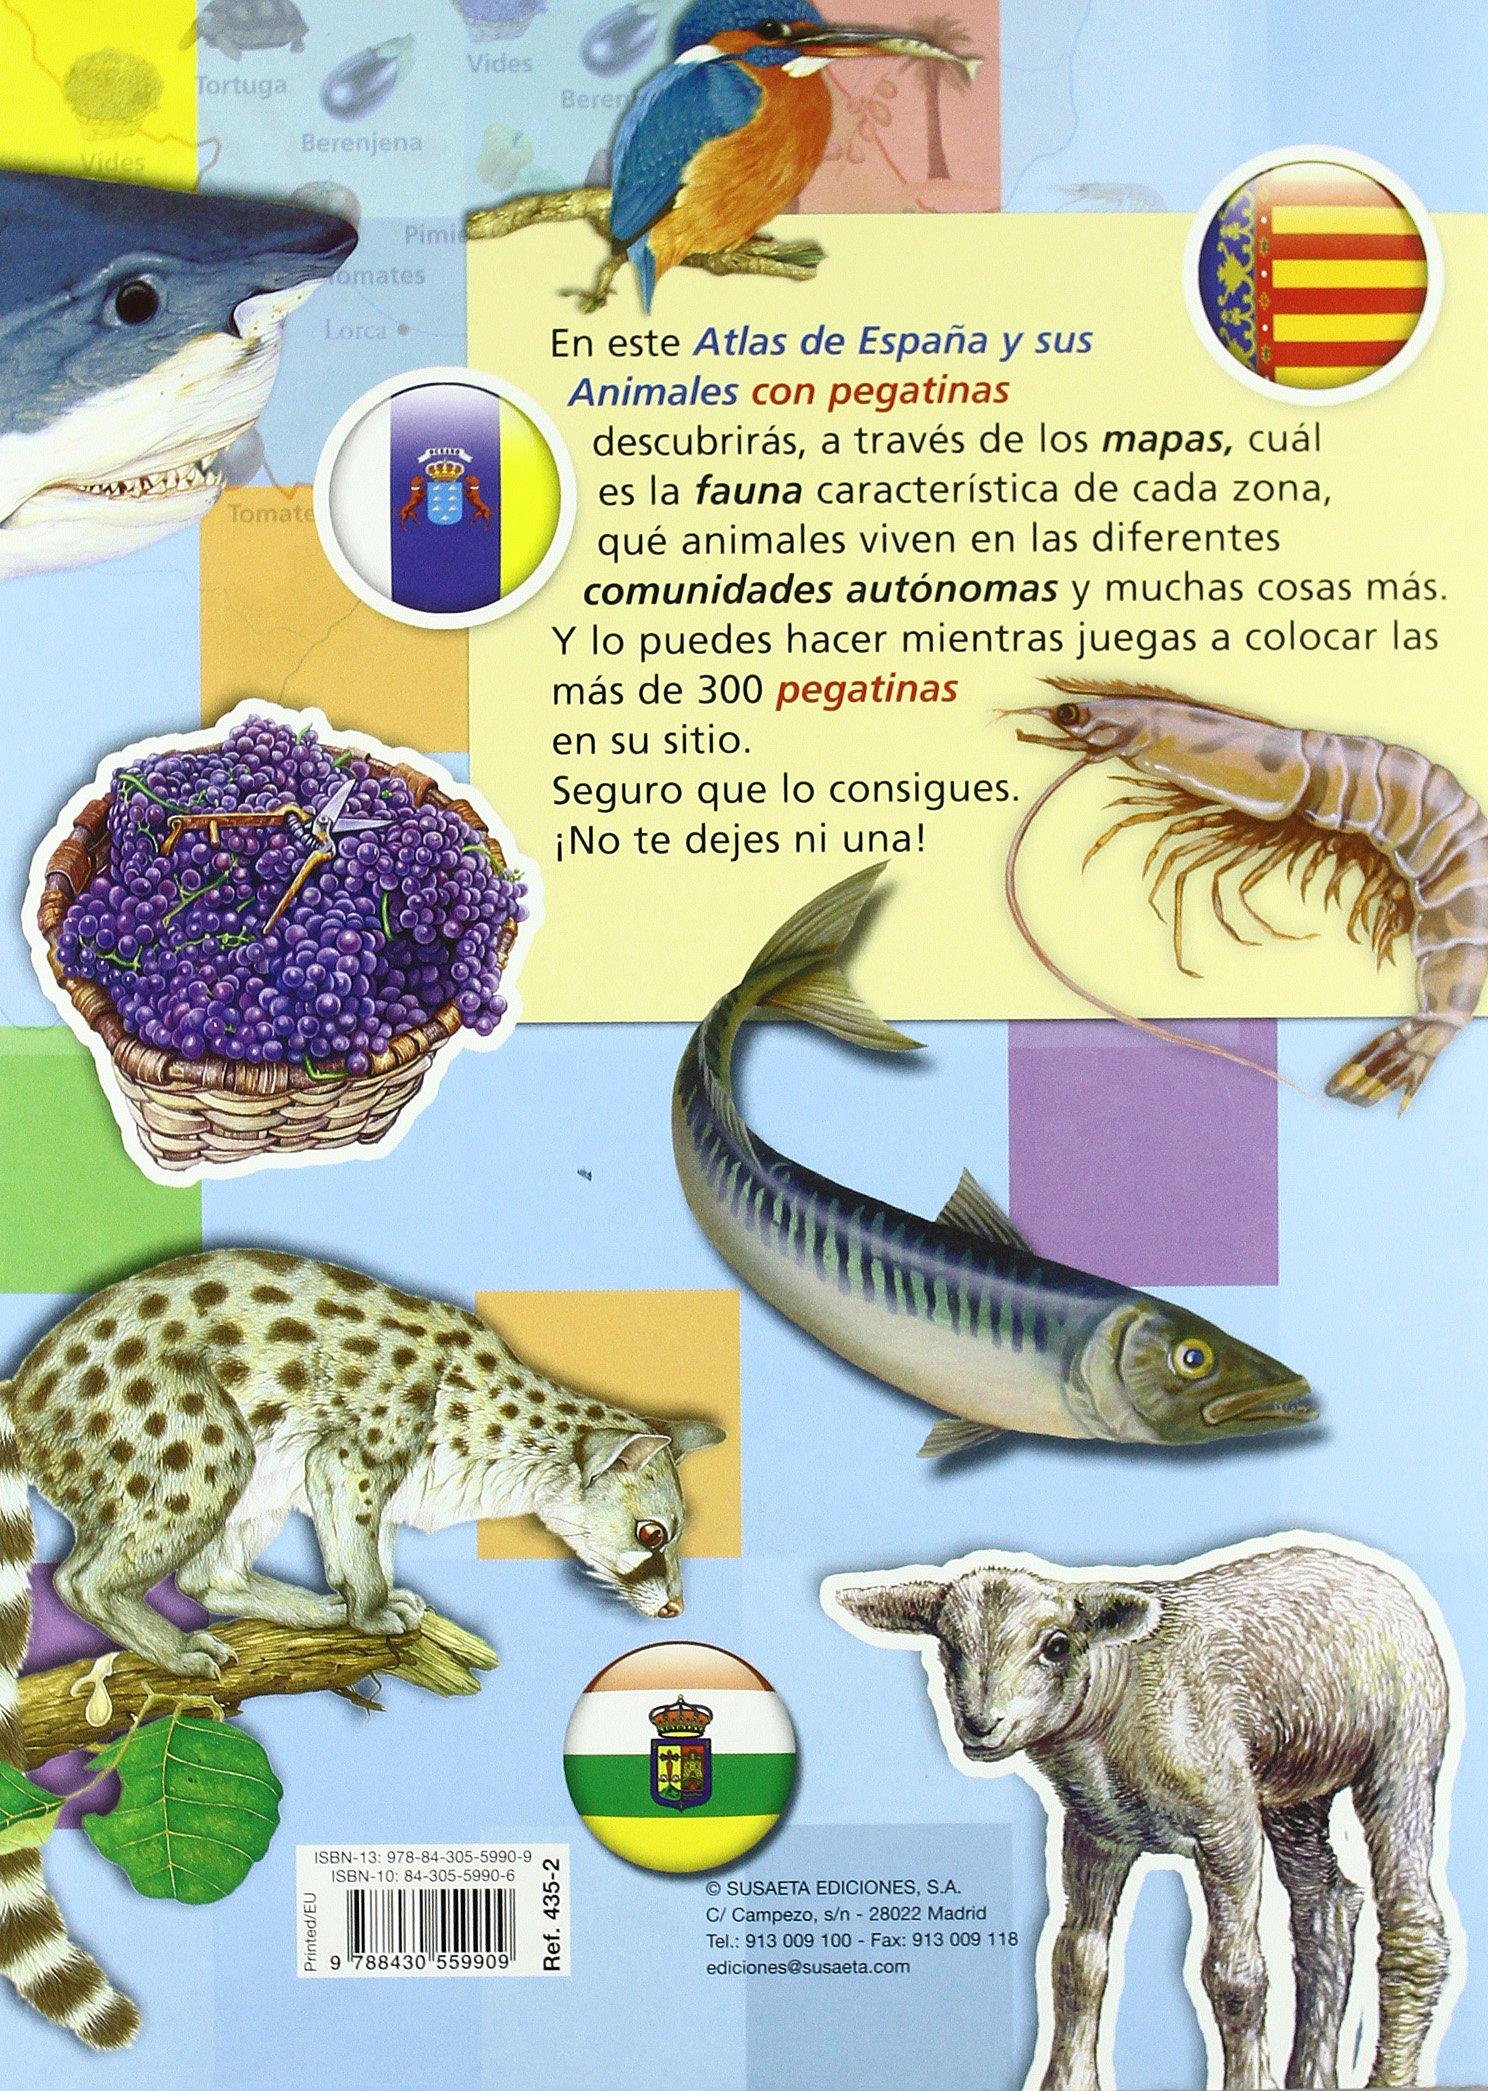 Atlas De España Y Sus Animales Atlas De Animales Con Pegatina: Amazon.es: Susaeta Ediciones S A: Libros